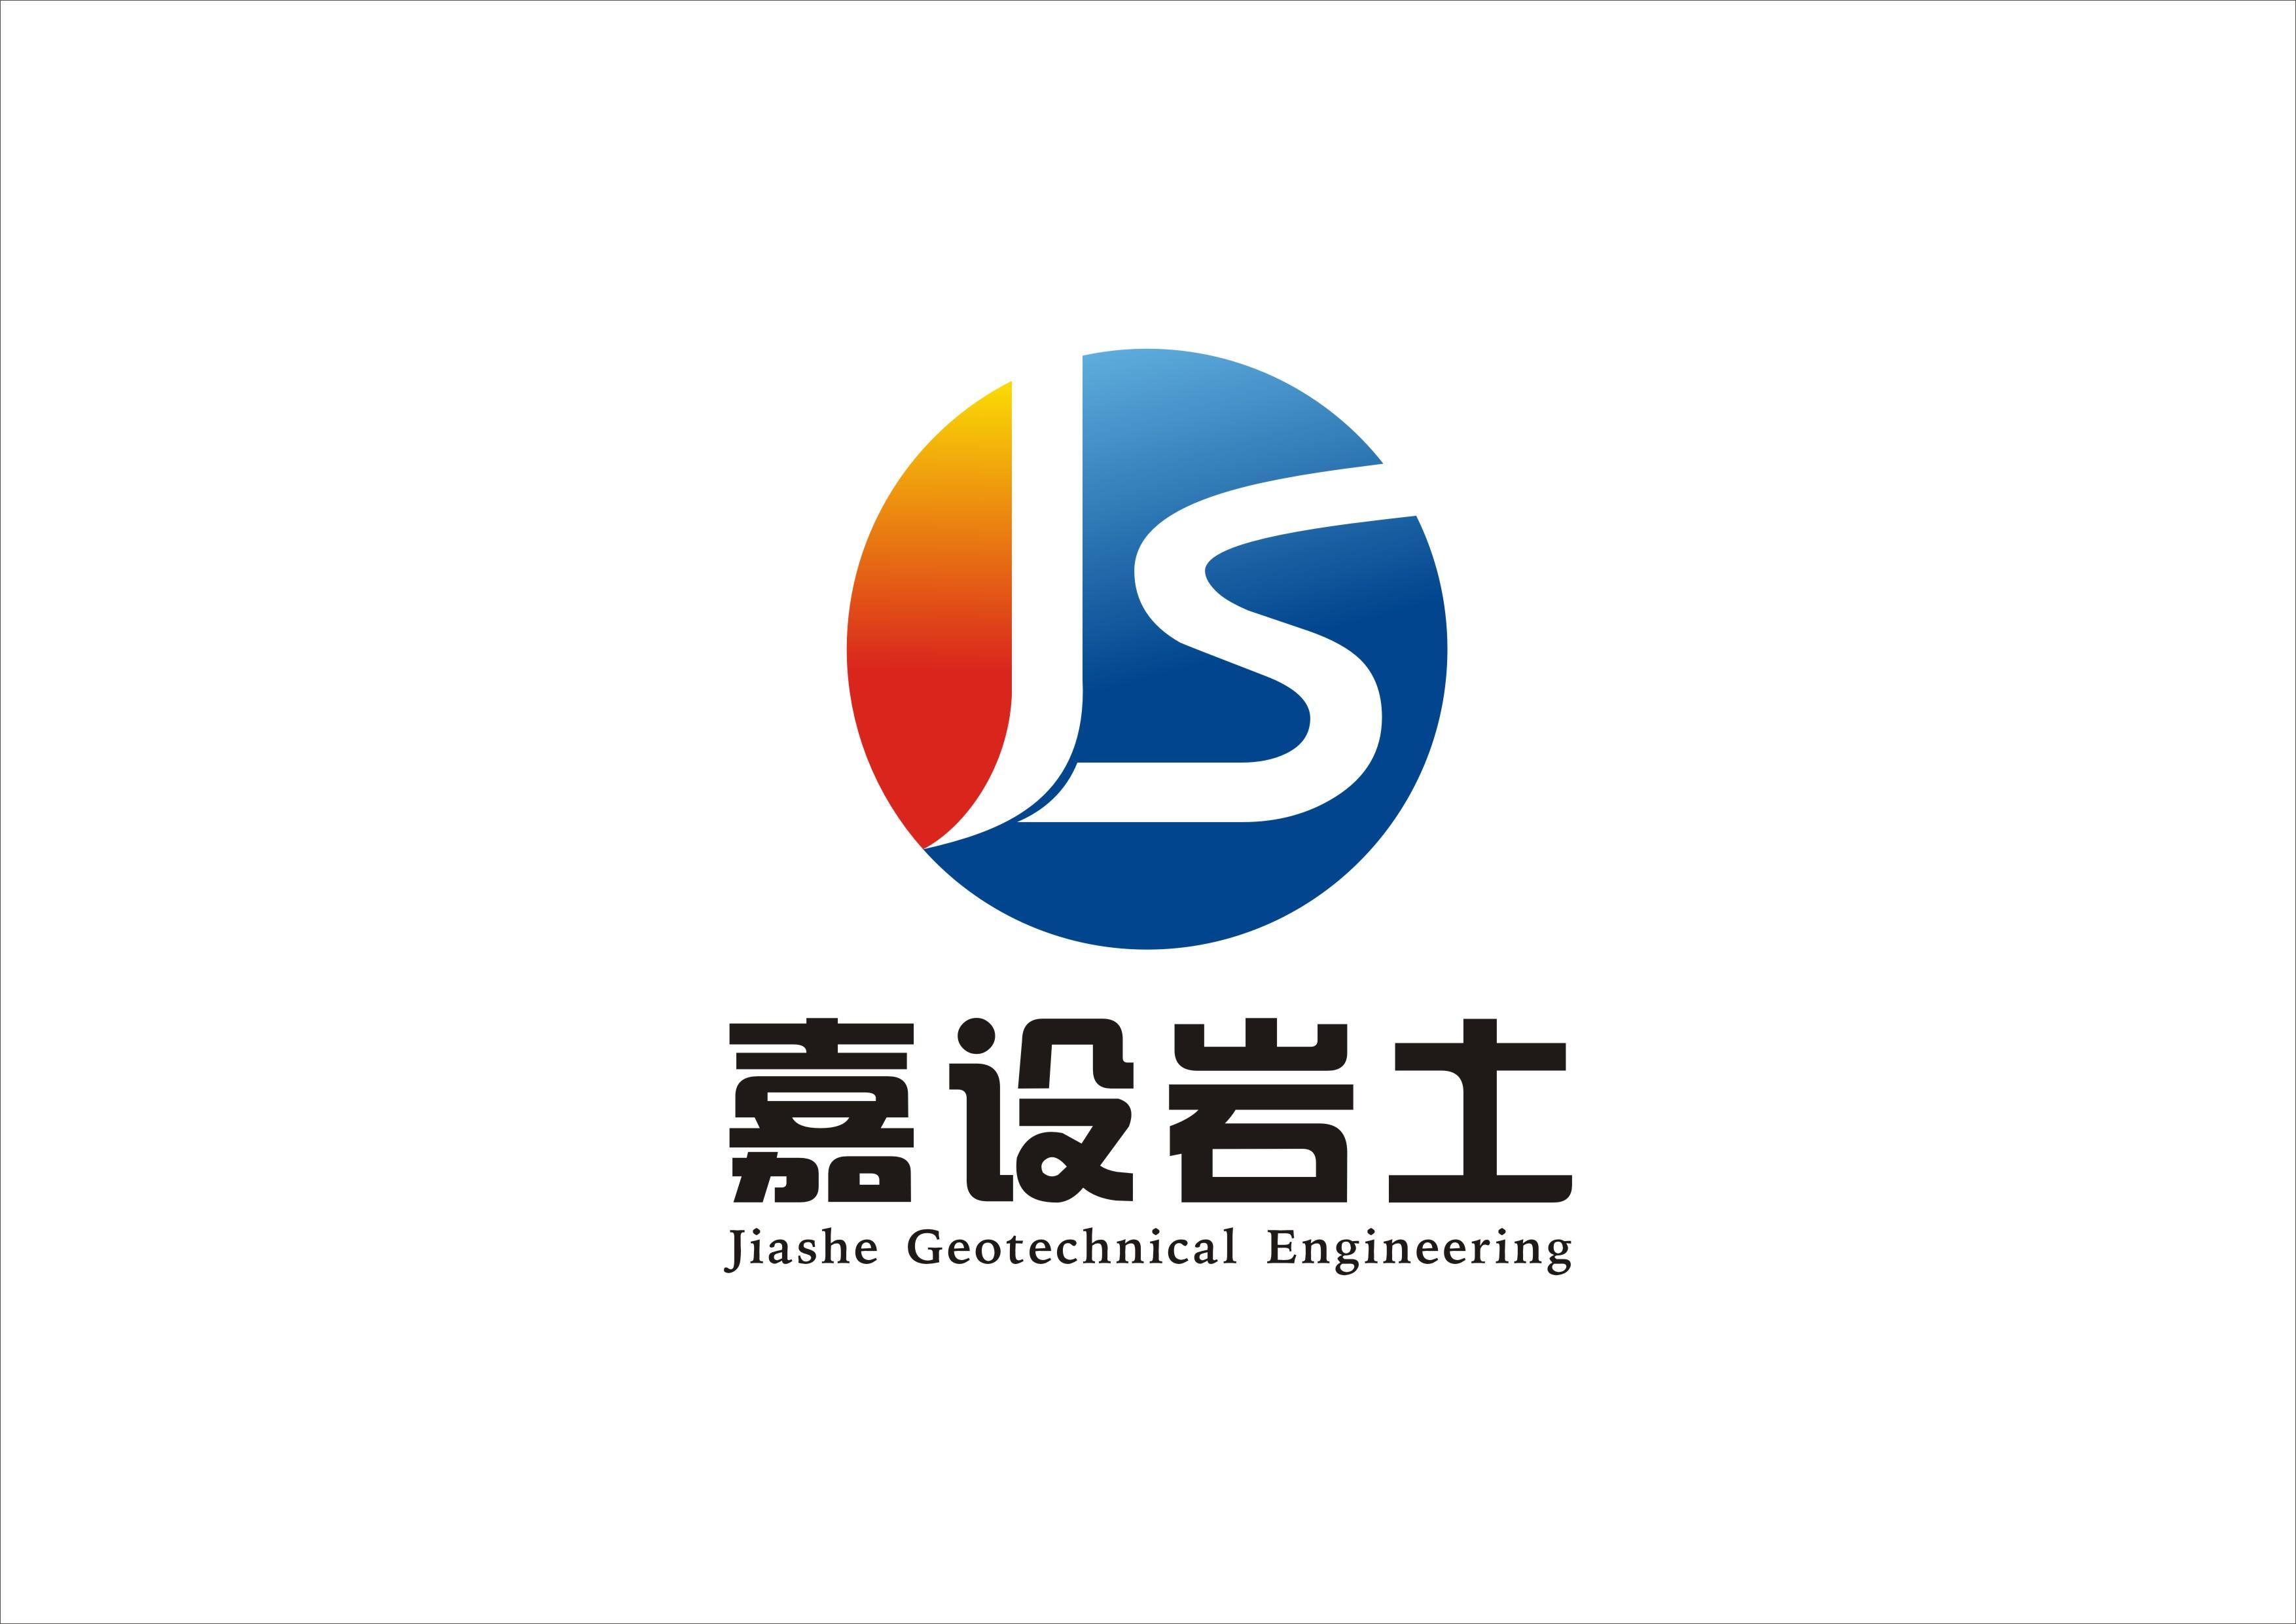 嘉兴市嘉设岩土工程勘察研究所有限公司最新招聘信息